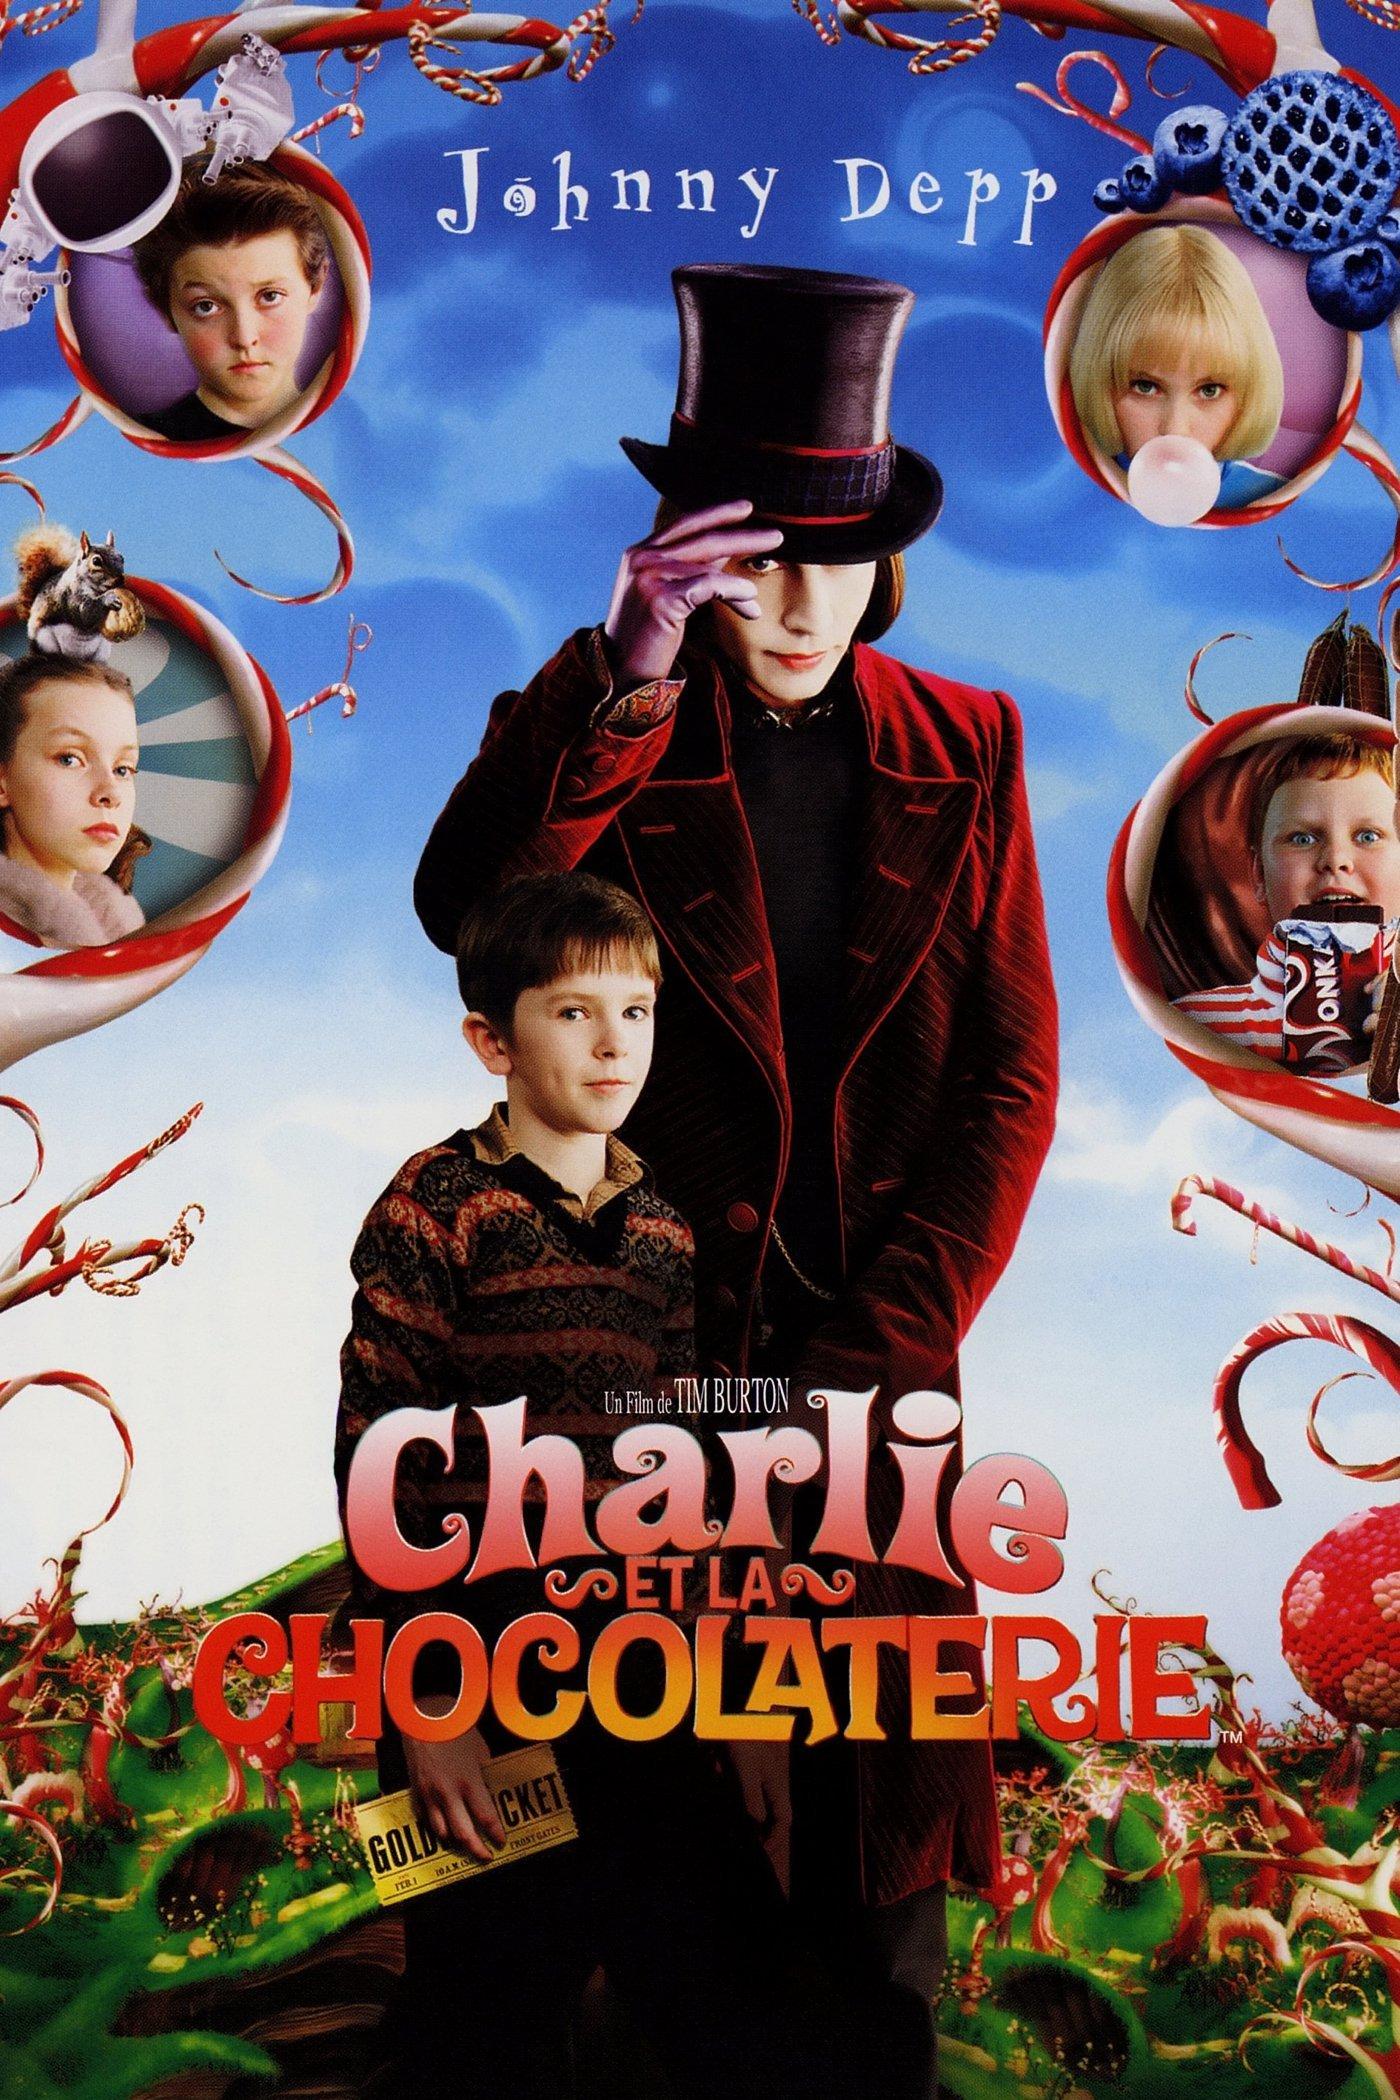 Charlie et la chocolaterie (Film, 2005) — CinéSéries